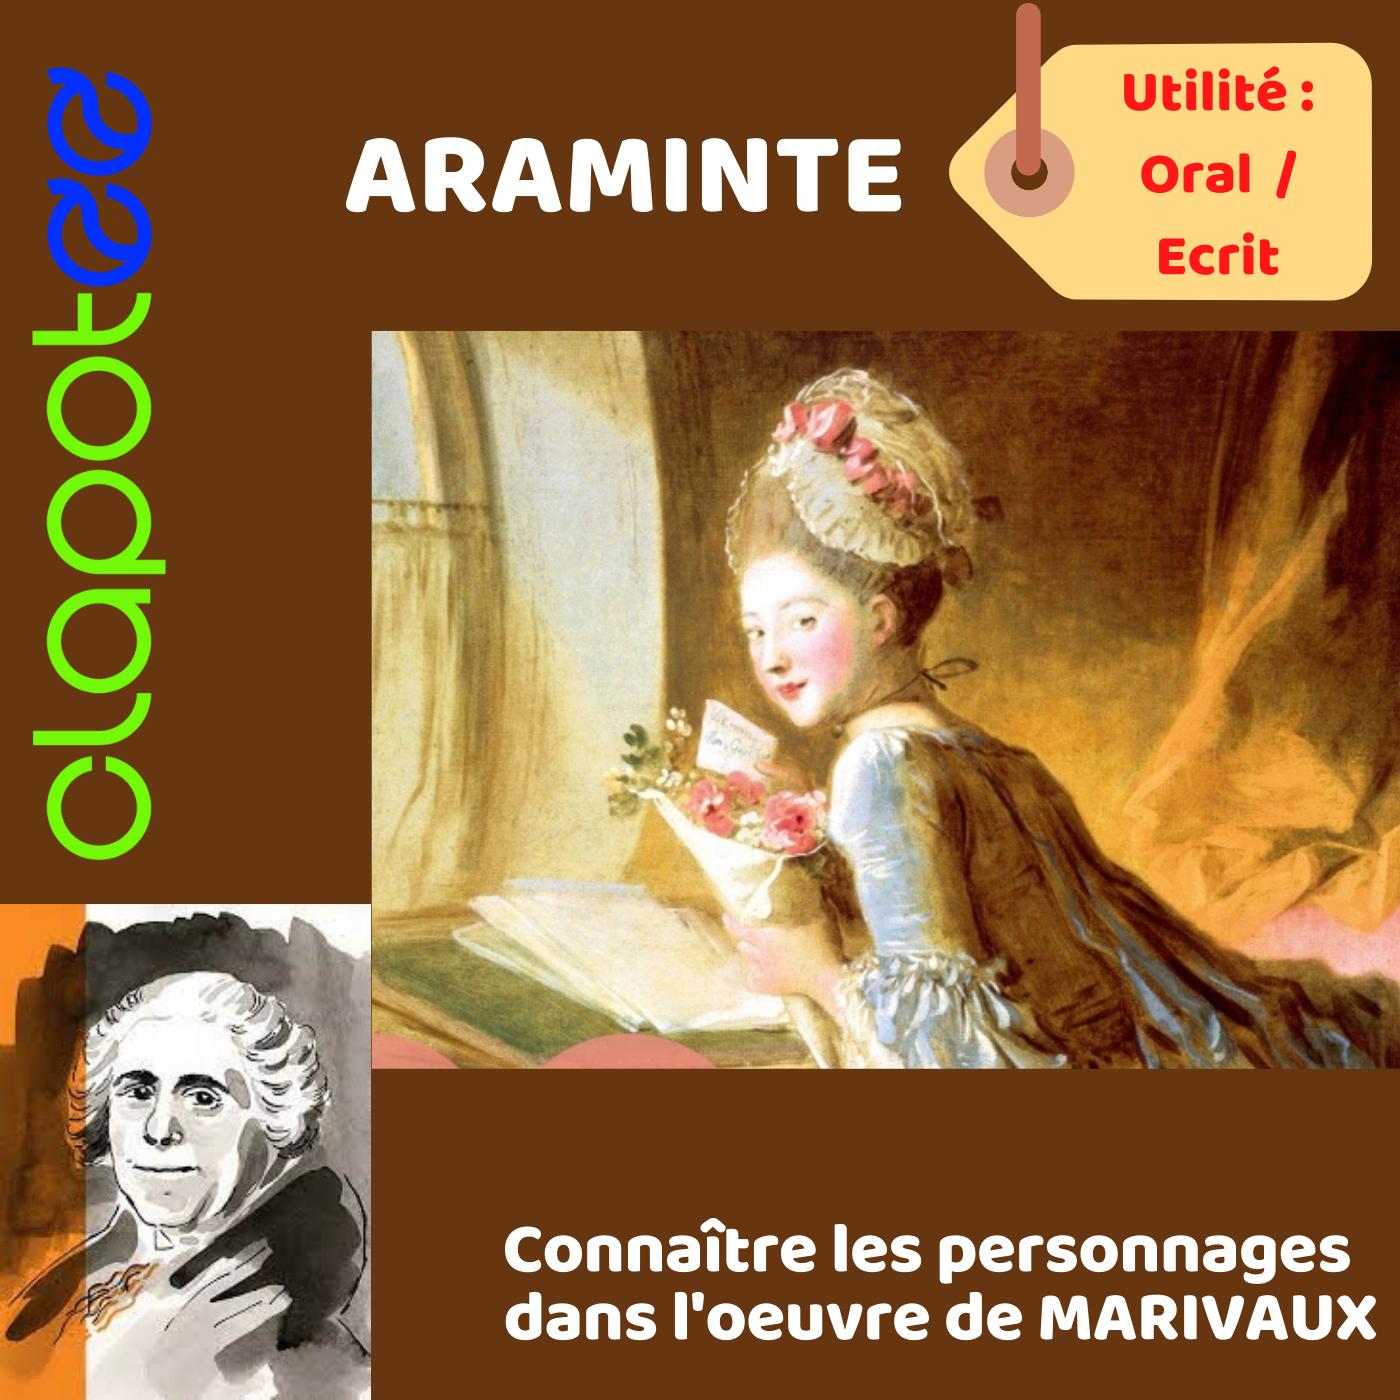 ARAMINTE , Le personnage féminin des Fausses Confidences de MARIVAUX